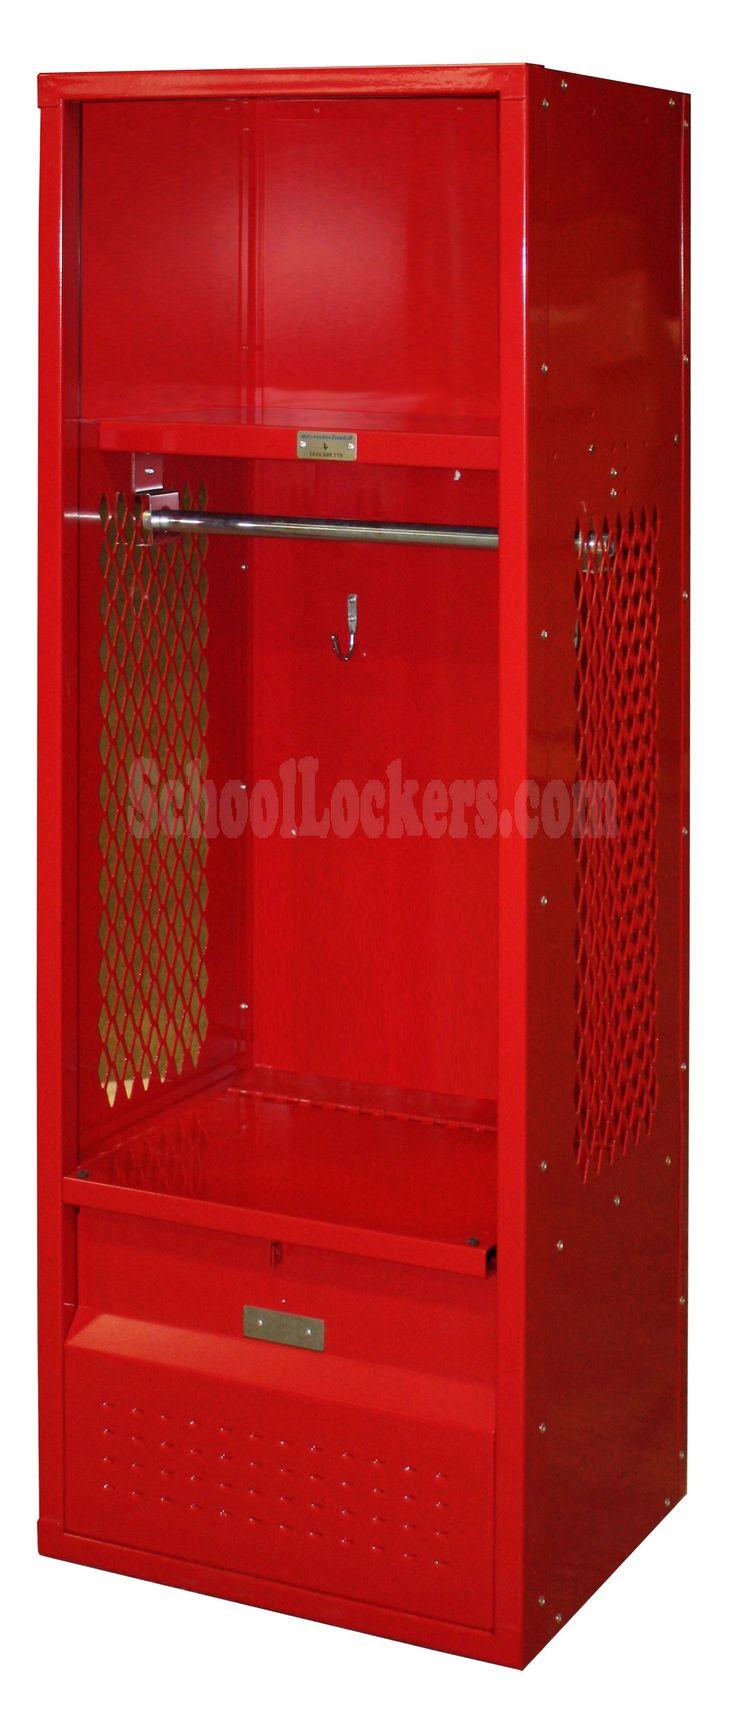 red kids team locker from schoollockers.com